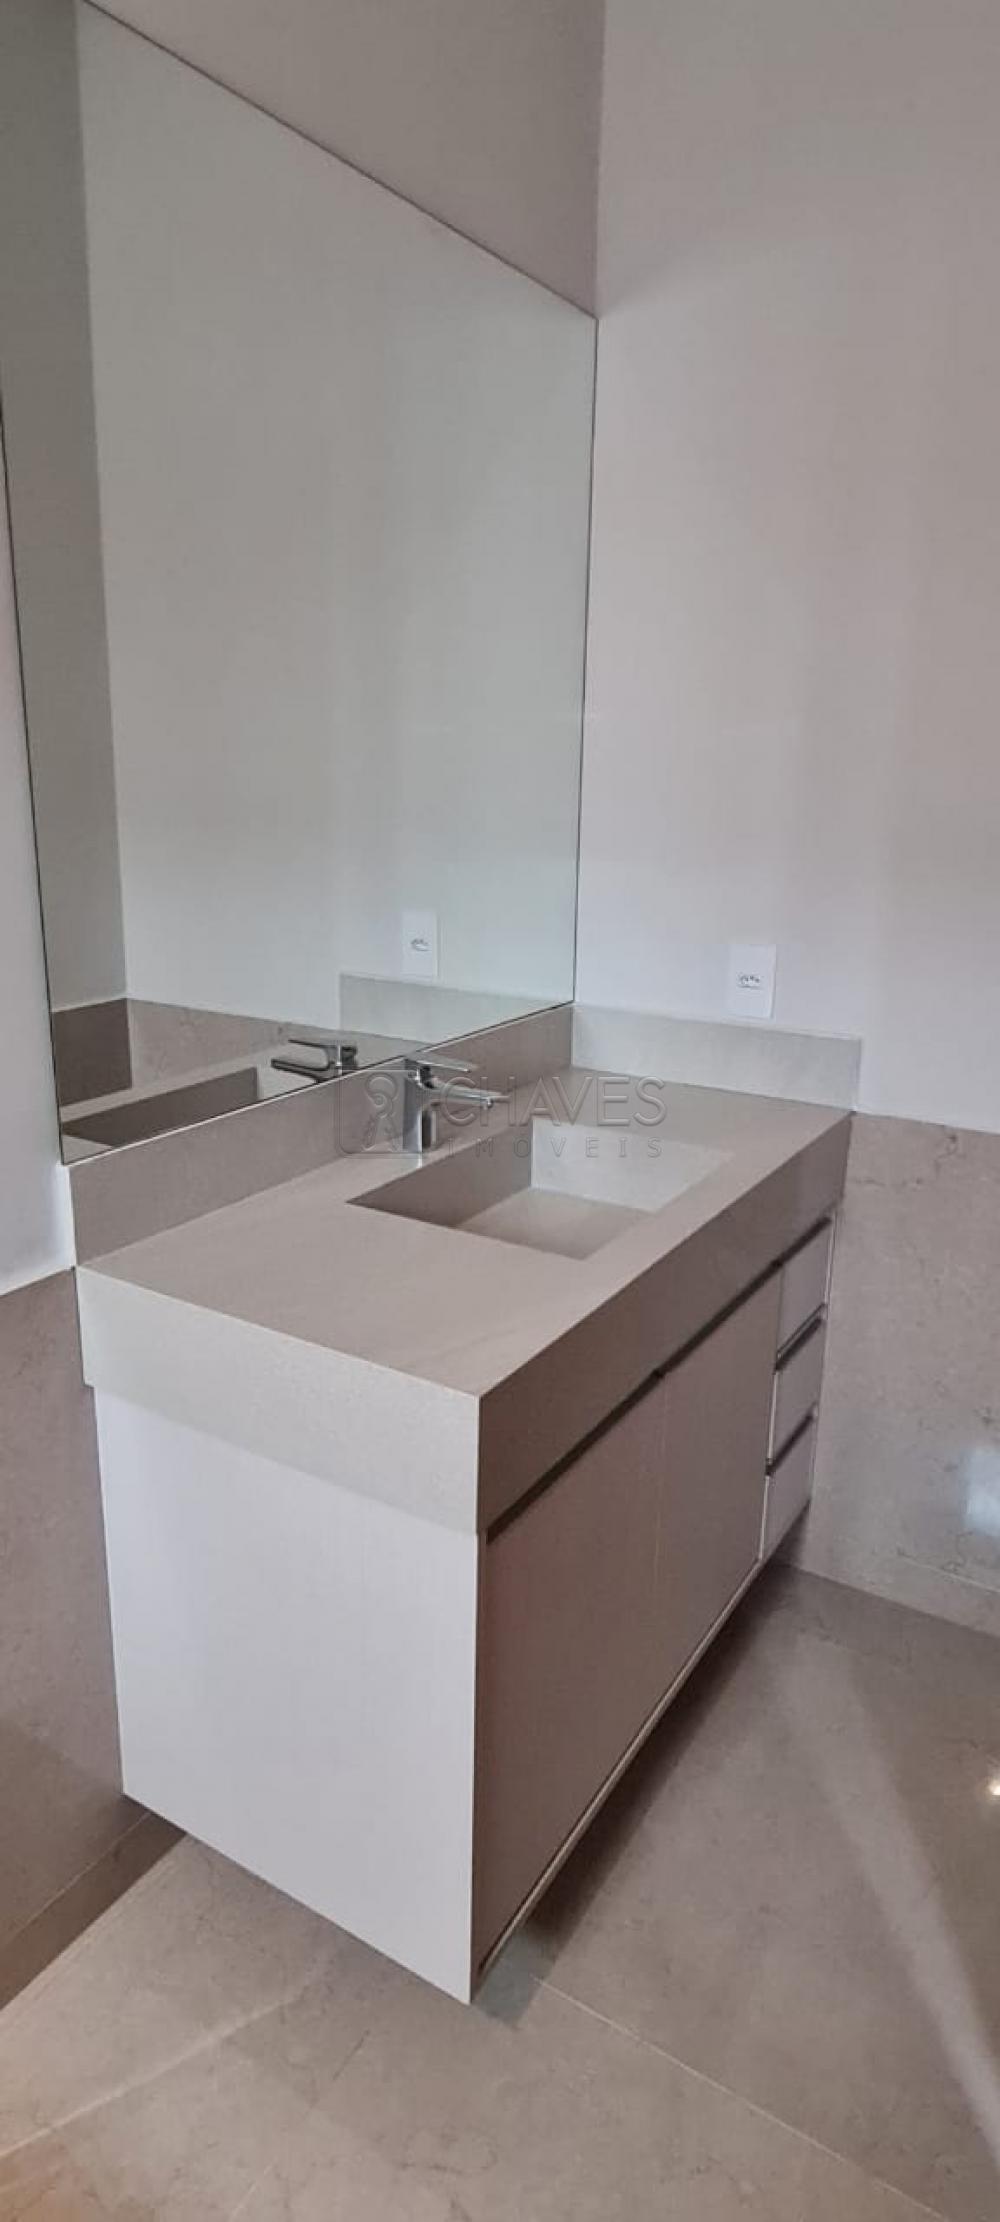 Comprar Casa / Condomínio em Ribeirão Preto apenas R$ 1.050.000,00 - Foto 19